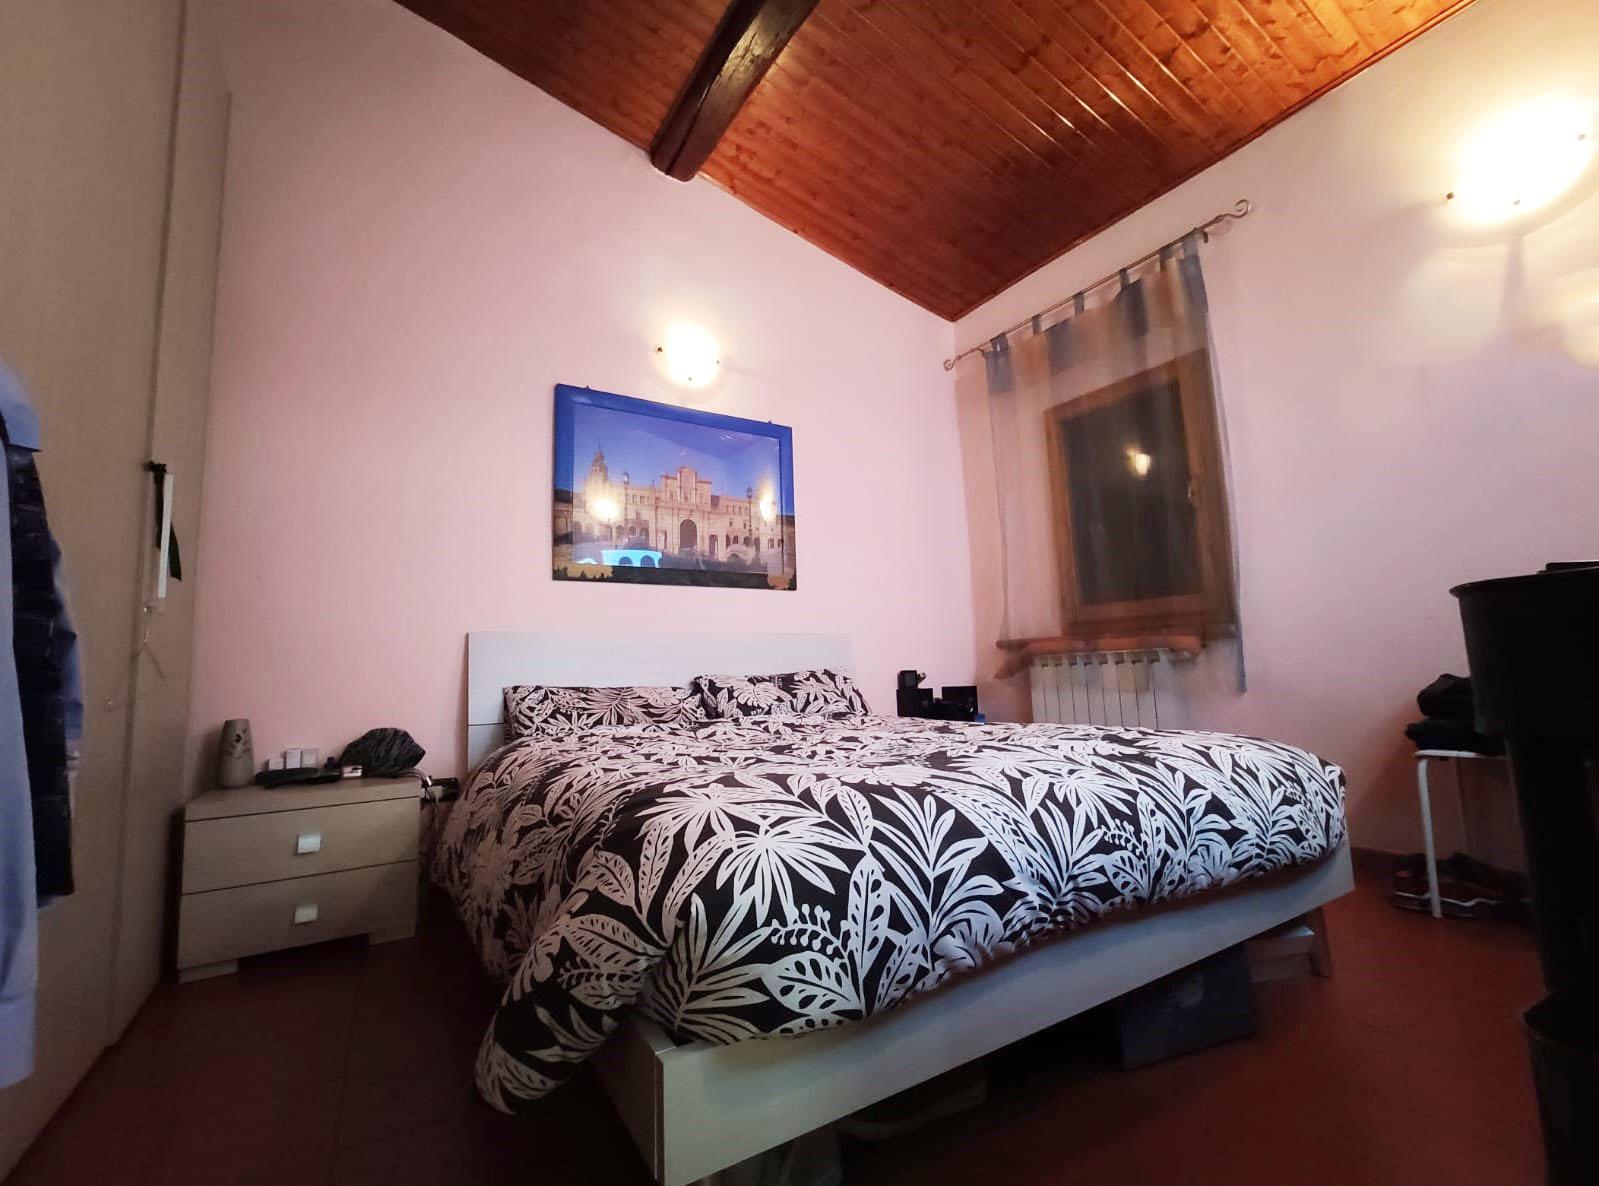 Appartamento in vendita a Montelupo Fiorentino, 2 locali, prezzo € 90.000   CambioCasa.it